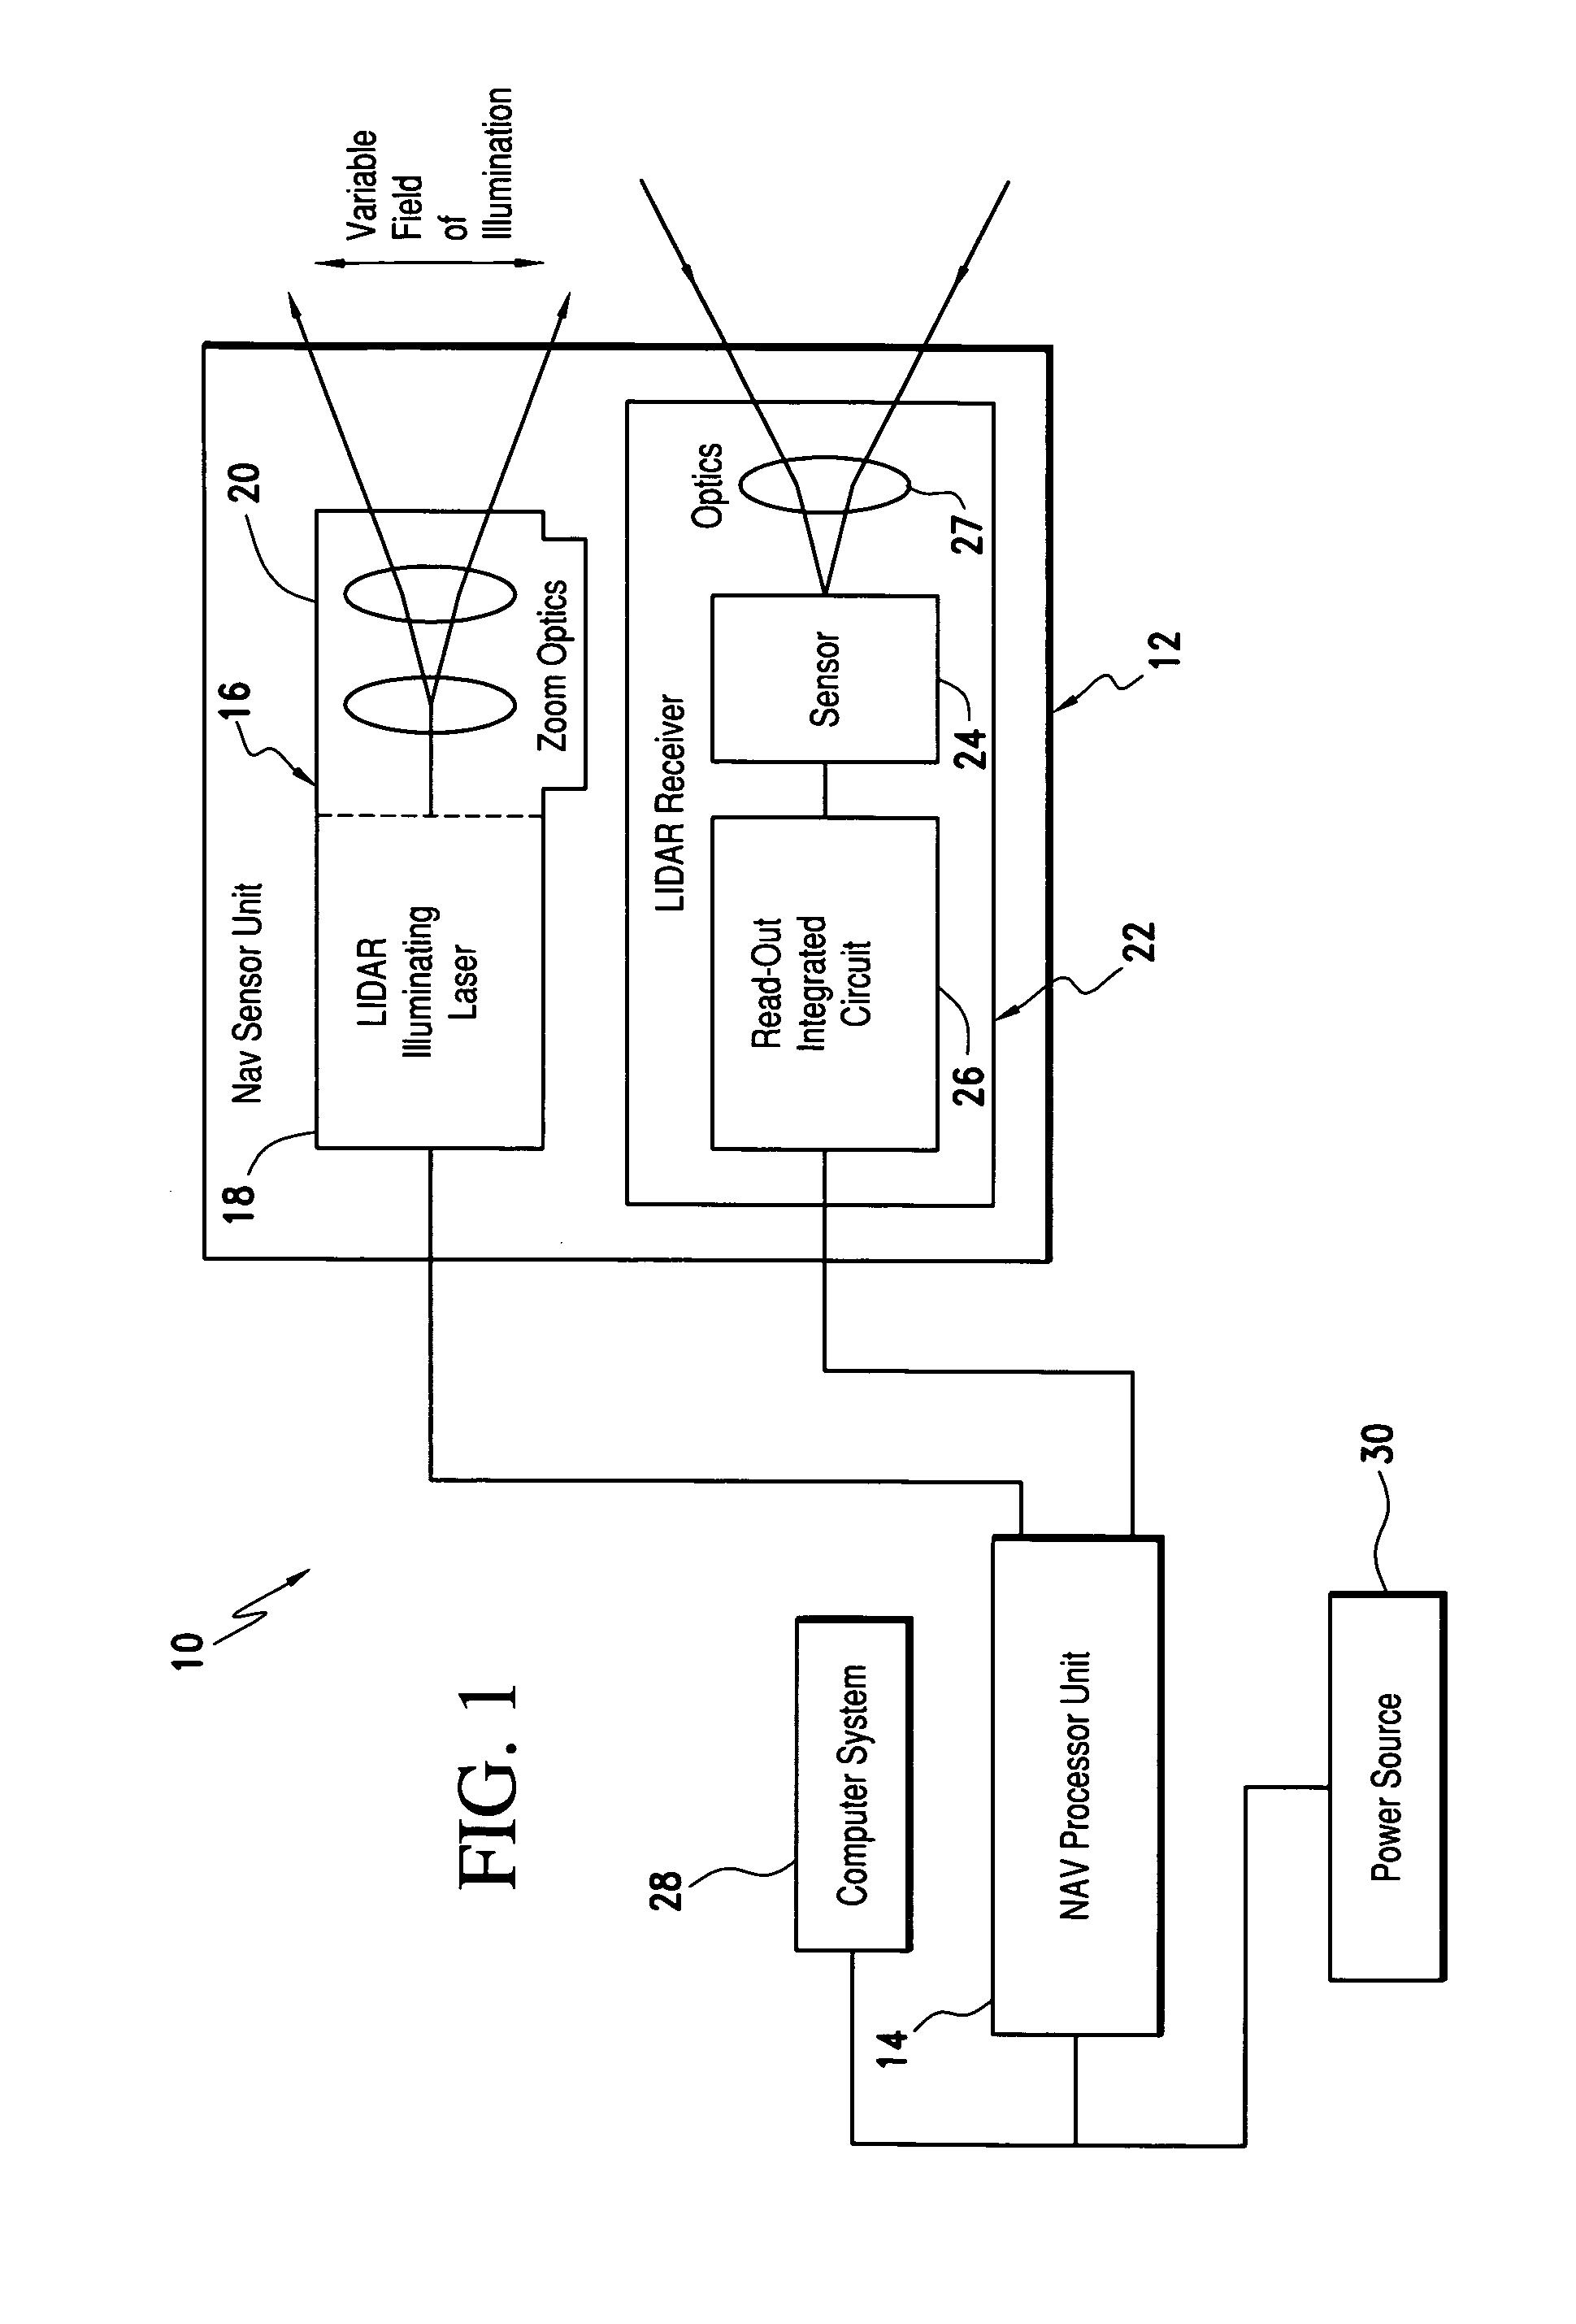 patent us8072581